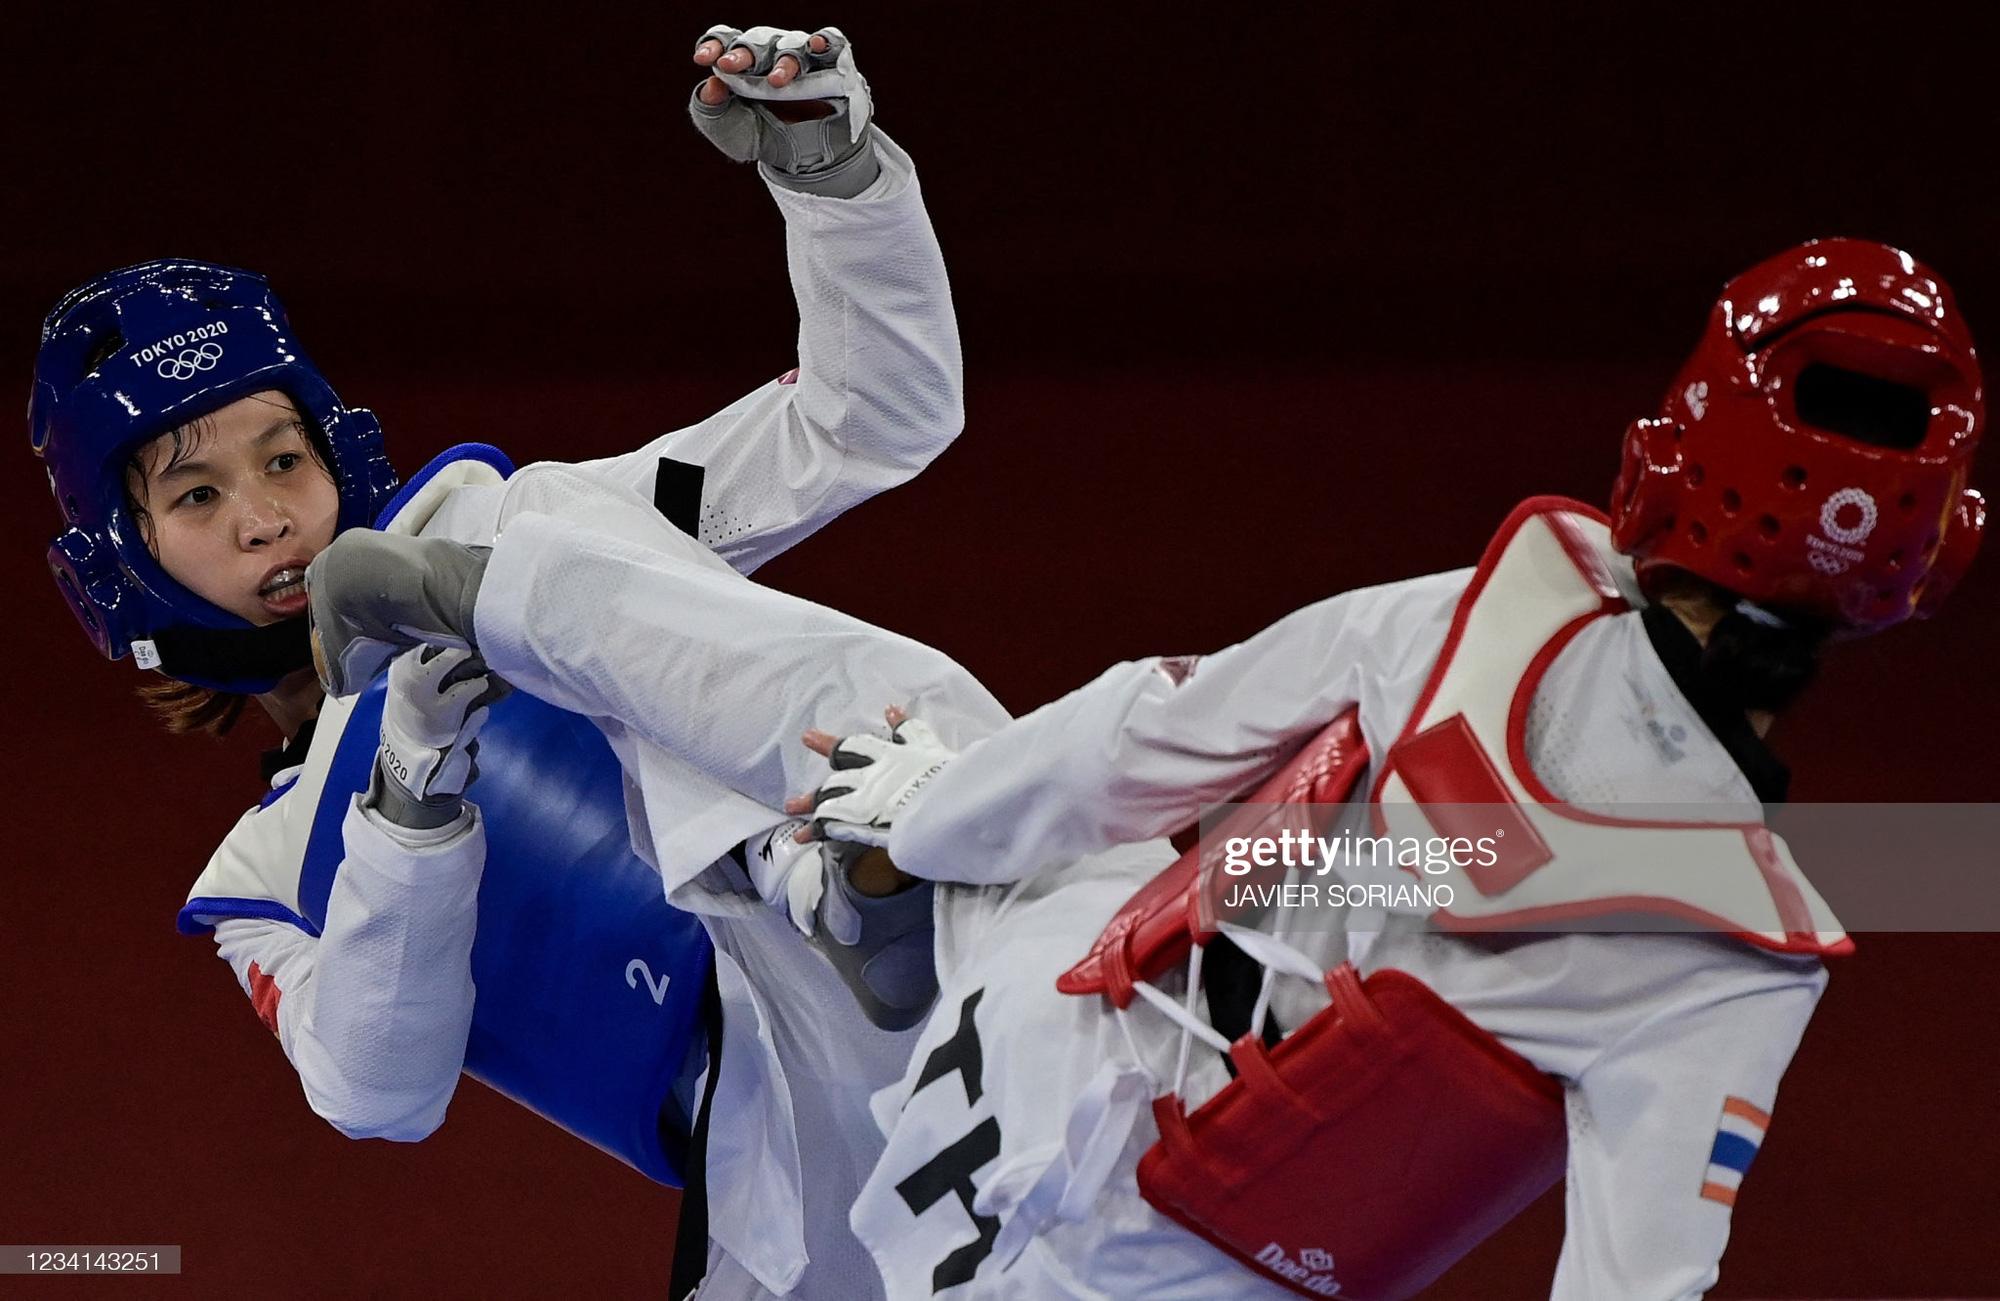 Nỗ lực đến đổ máu, Kim Tuyền (Taekwondo) phải dừng bước tiếc nuối ở Olympic Tokyo 2020 - Ảnh 6.